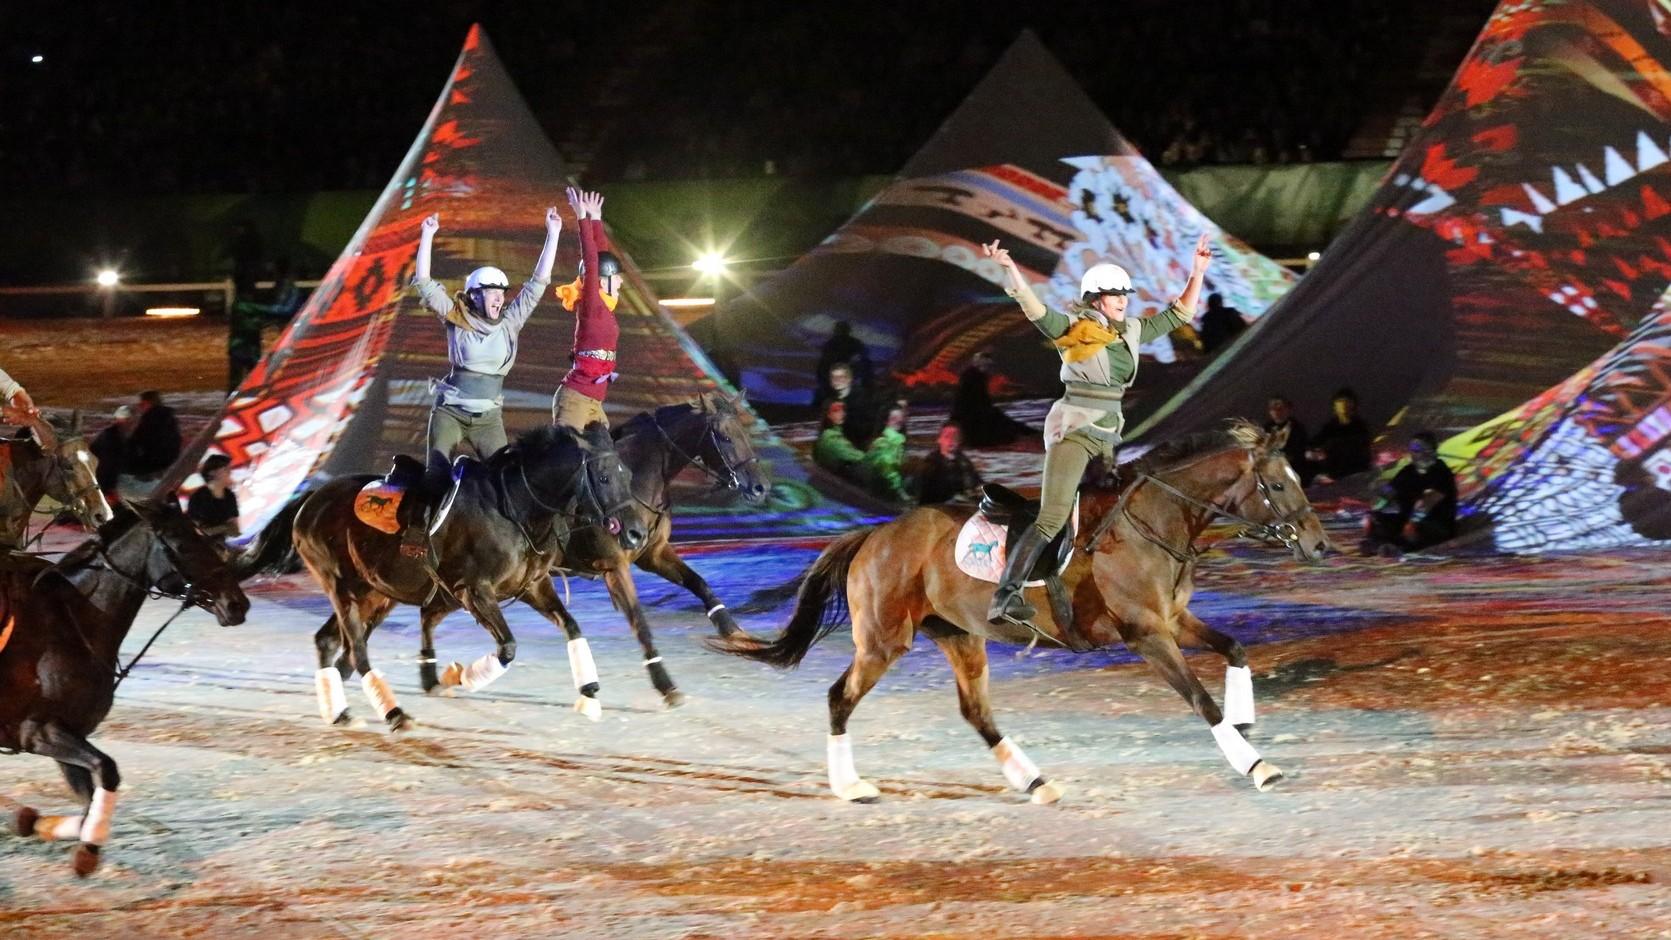 Sfeerbeeld van de opening van de wereldruiterspelen 2014